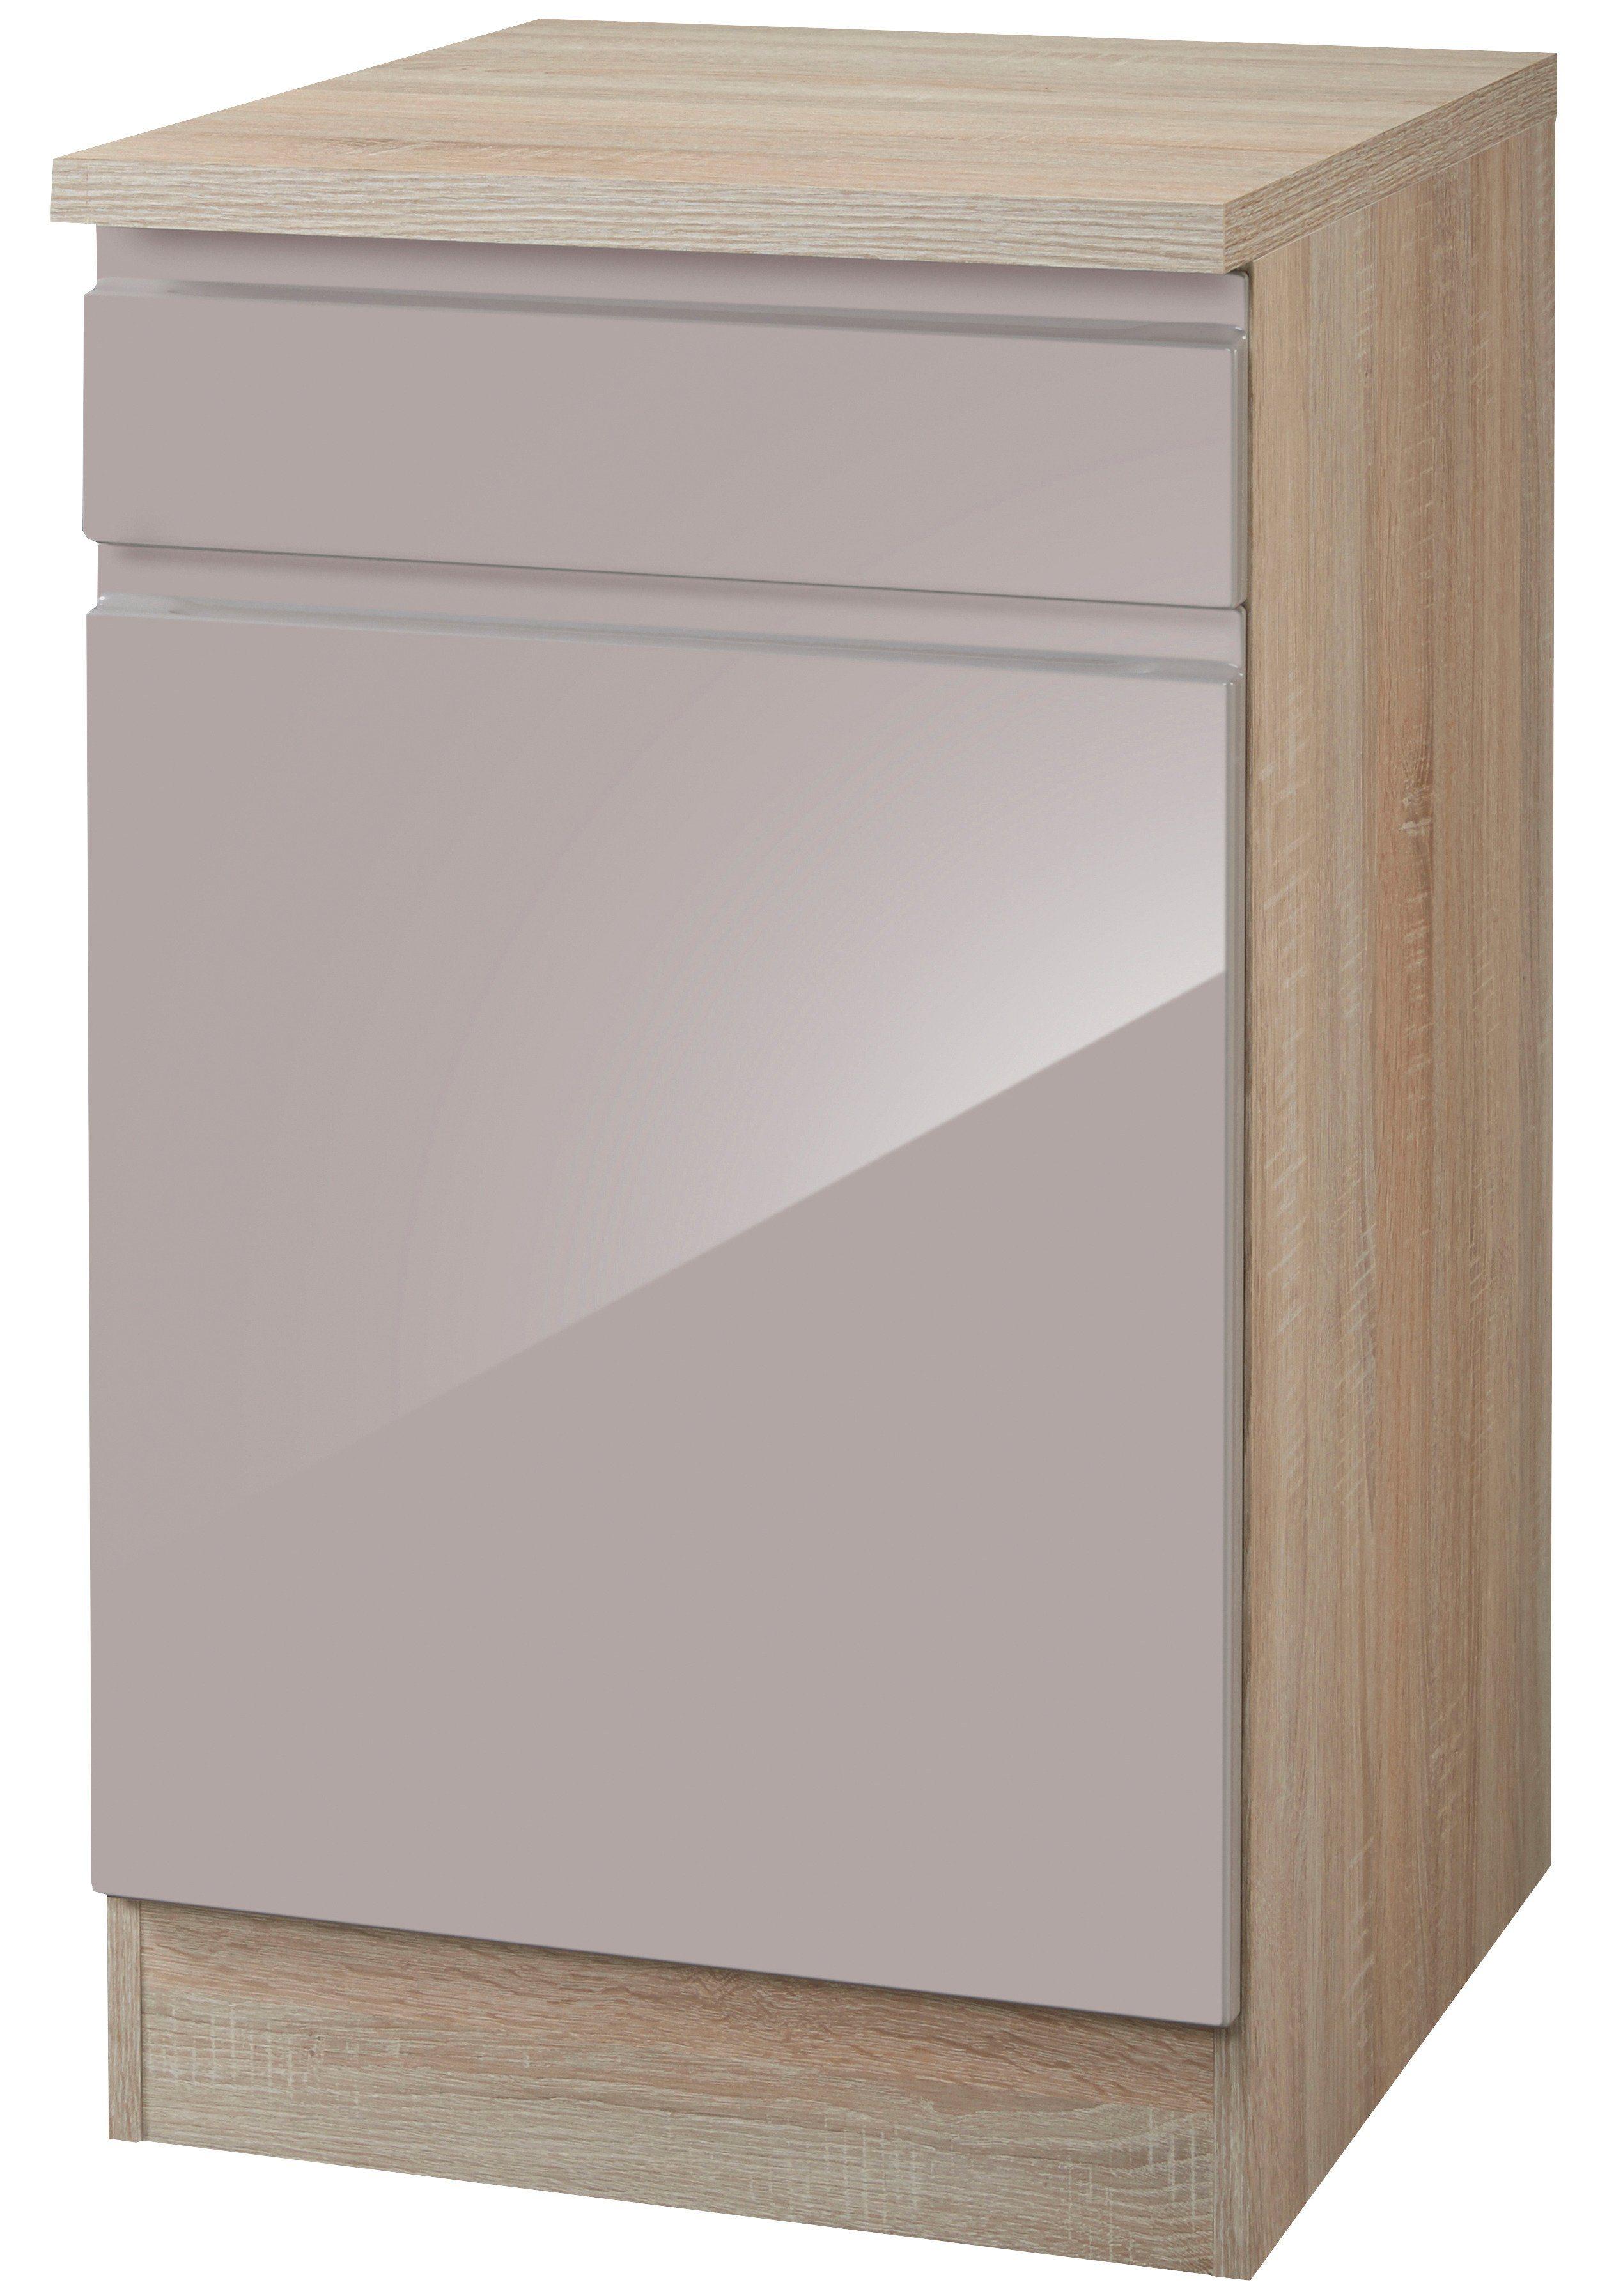 Küchen-Unterschränke online kaufen | Möbel-Suchmaschine | ladendirekt.de